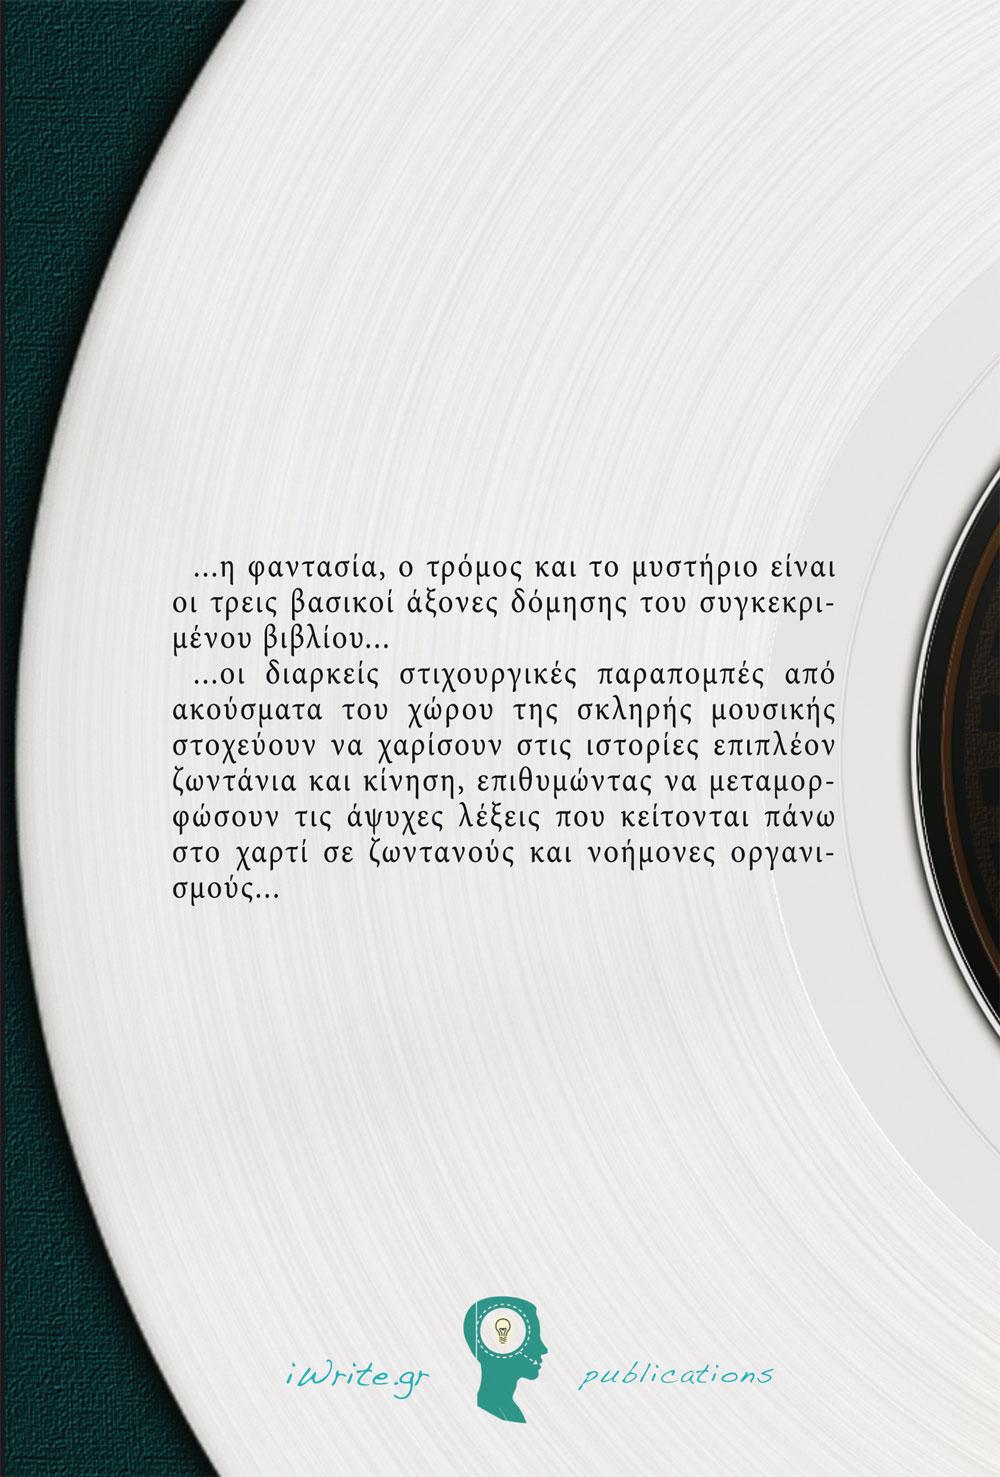 Οπισθόφυλλο, Μυστηριώδεις Ονειροπλασίες, Εκδόσεις iWrite